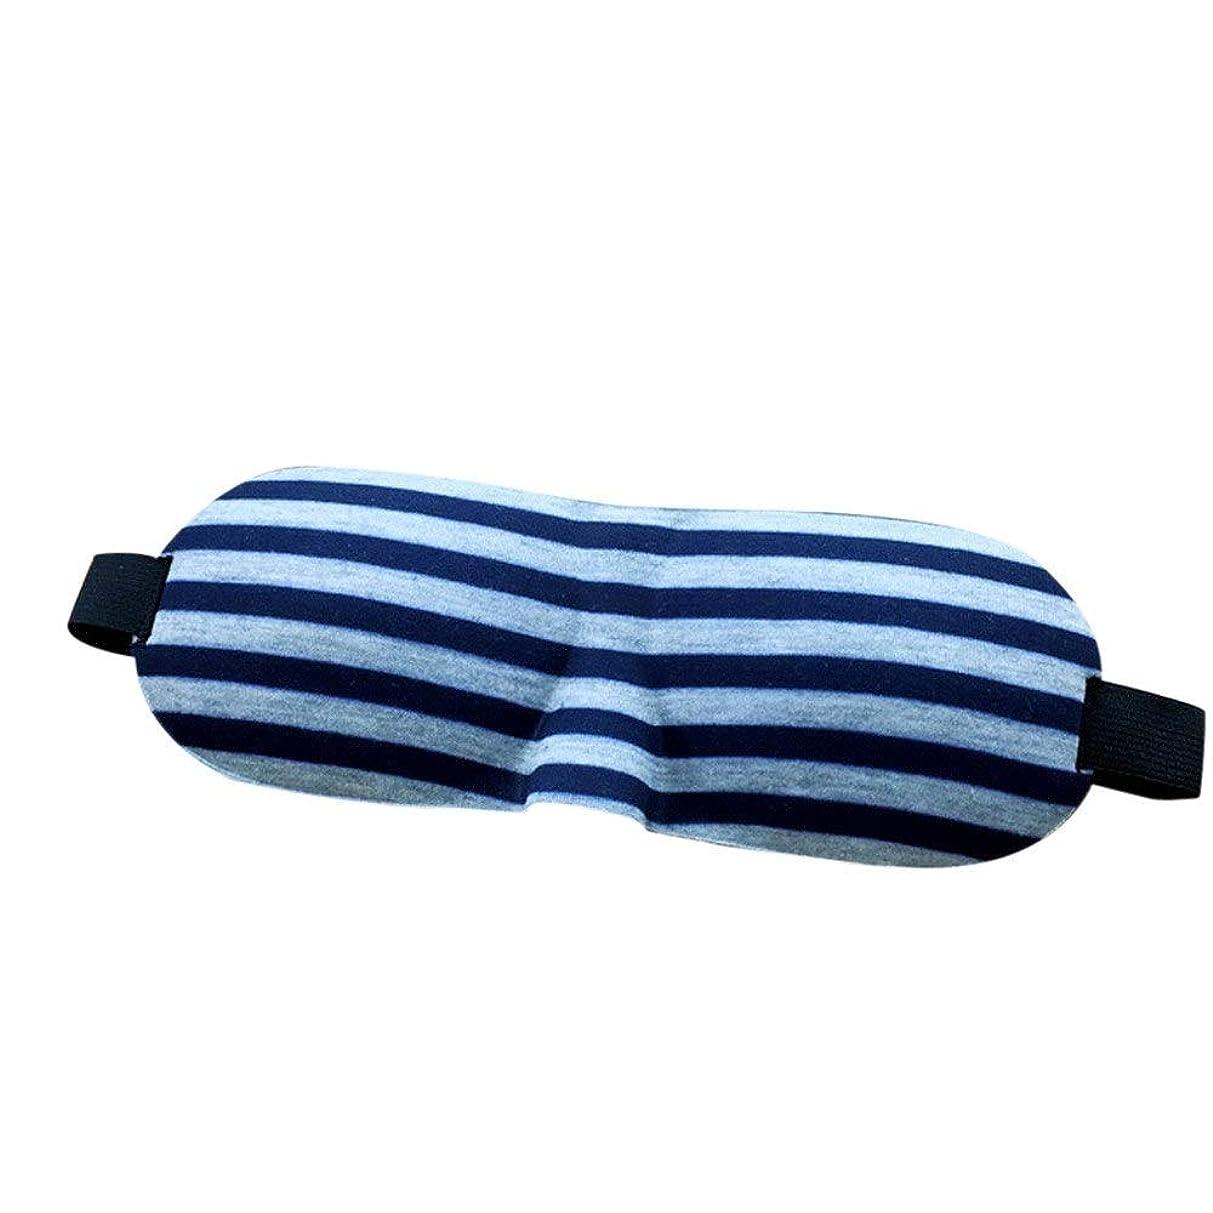 依存する単なる付き添い人NOTE 旅行3Dアイマスク睡眠ソフトパッドシェードカバー残りリラックス睡眠目隠し旅行睡眠補助3JU27